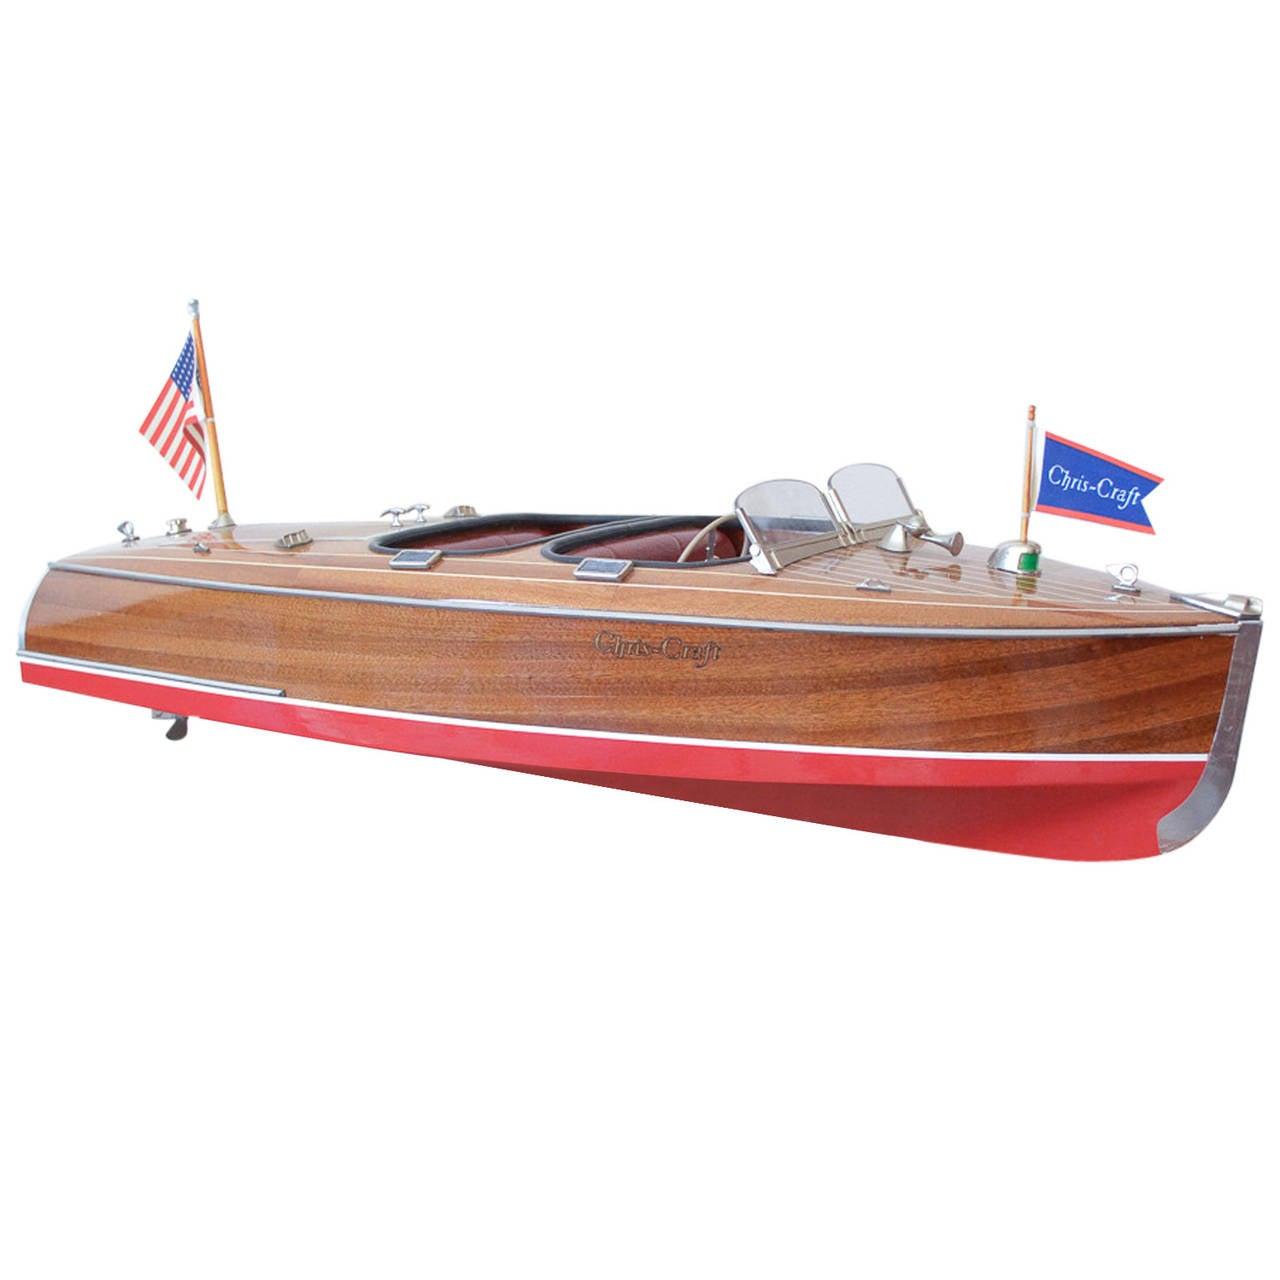 vintage 1950s chris craft model boat at 1stdibs On vintage chris craft models